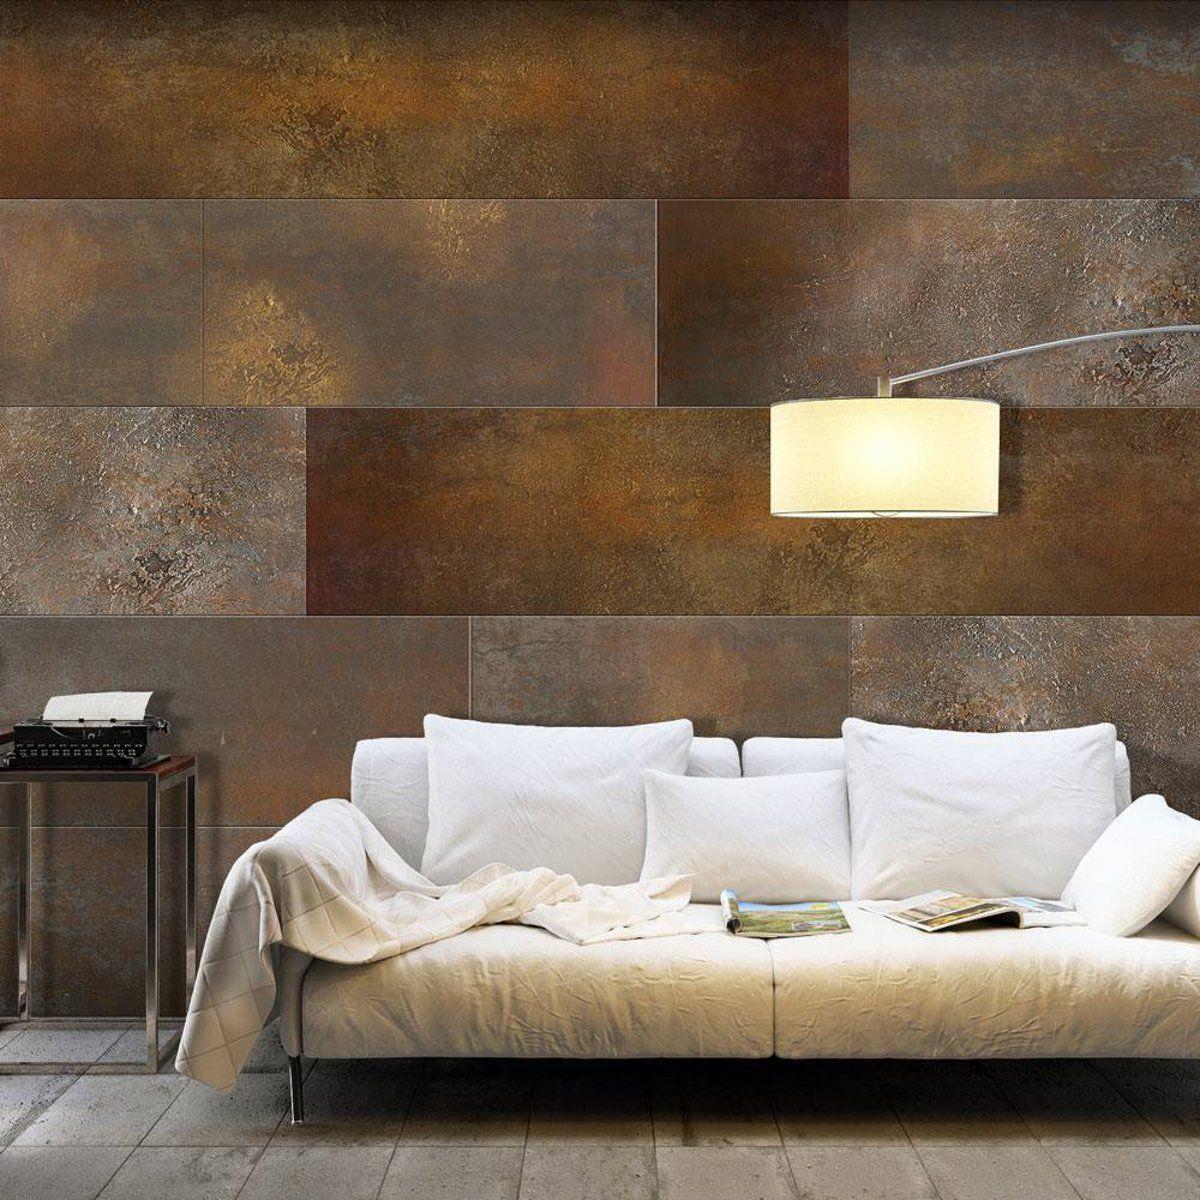 Fotobehang Blokken In Koper Tinten Fotobehang Thuis Behang Thuisdecoratie